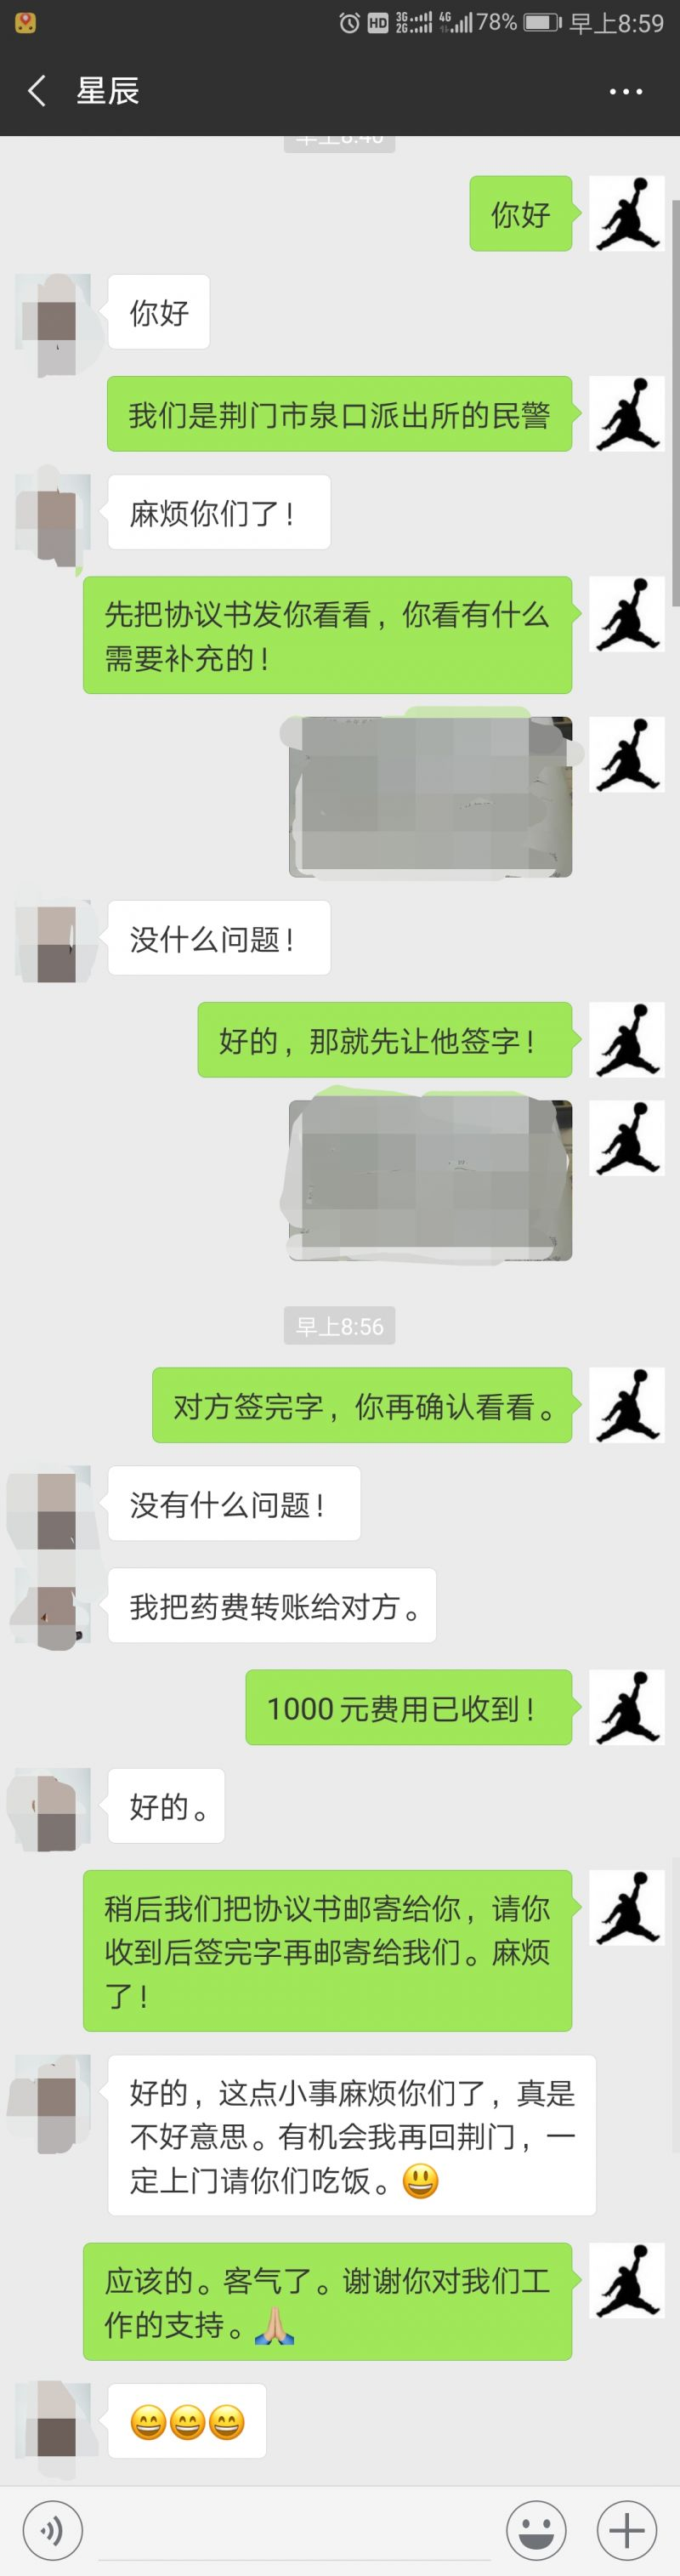 荆门民警巧用微信调解跨省纠纷